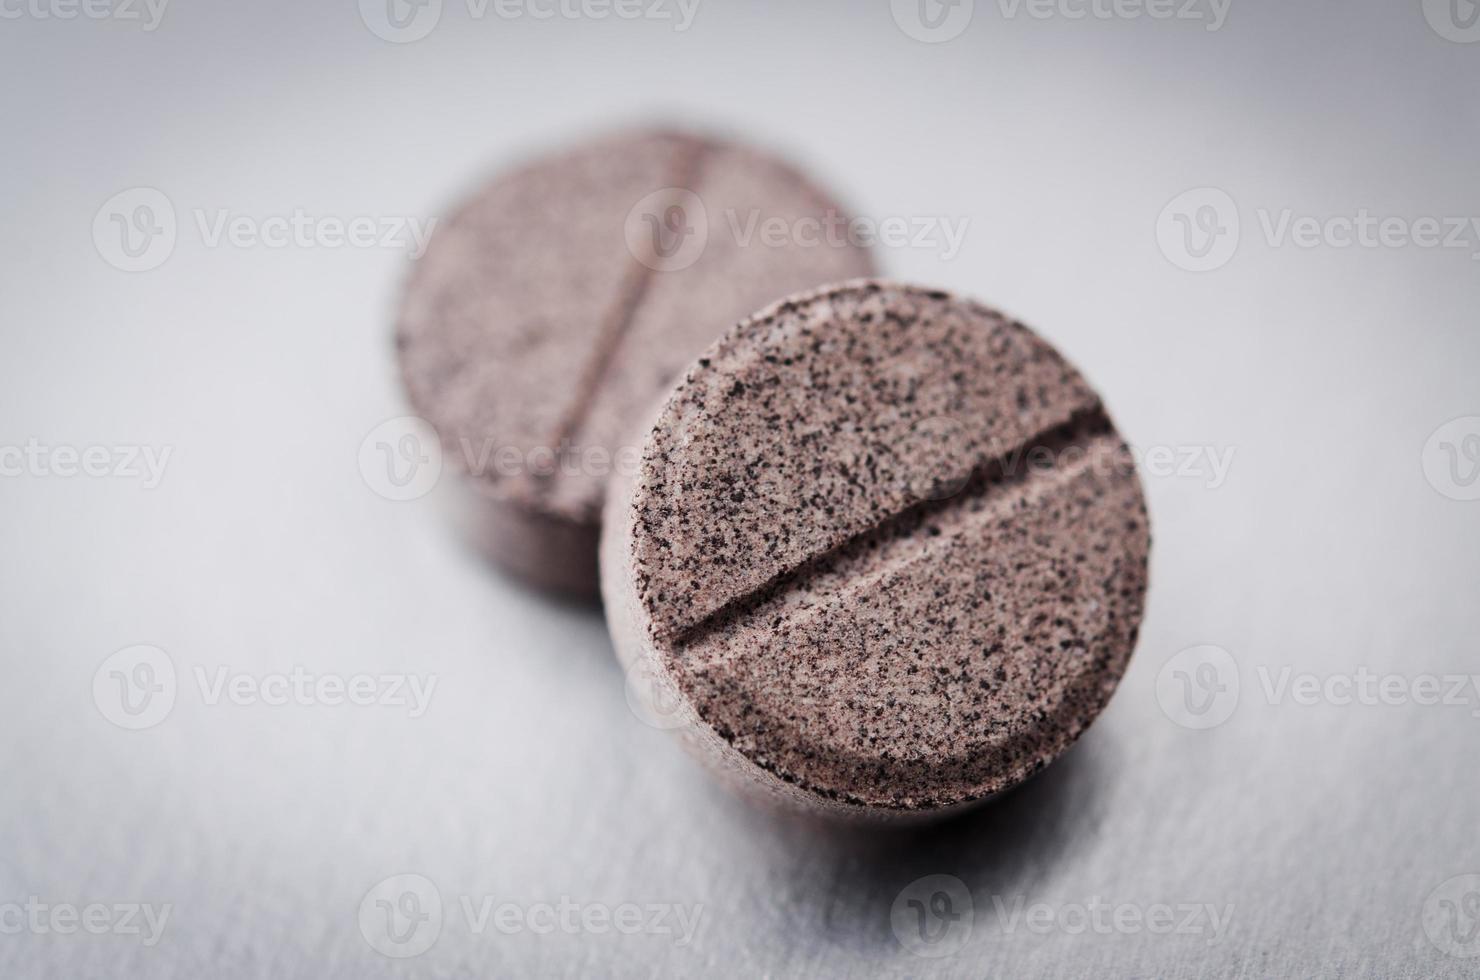 due pillole foto